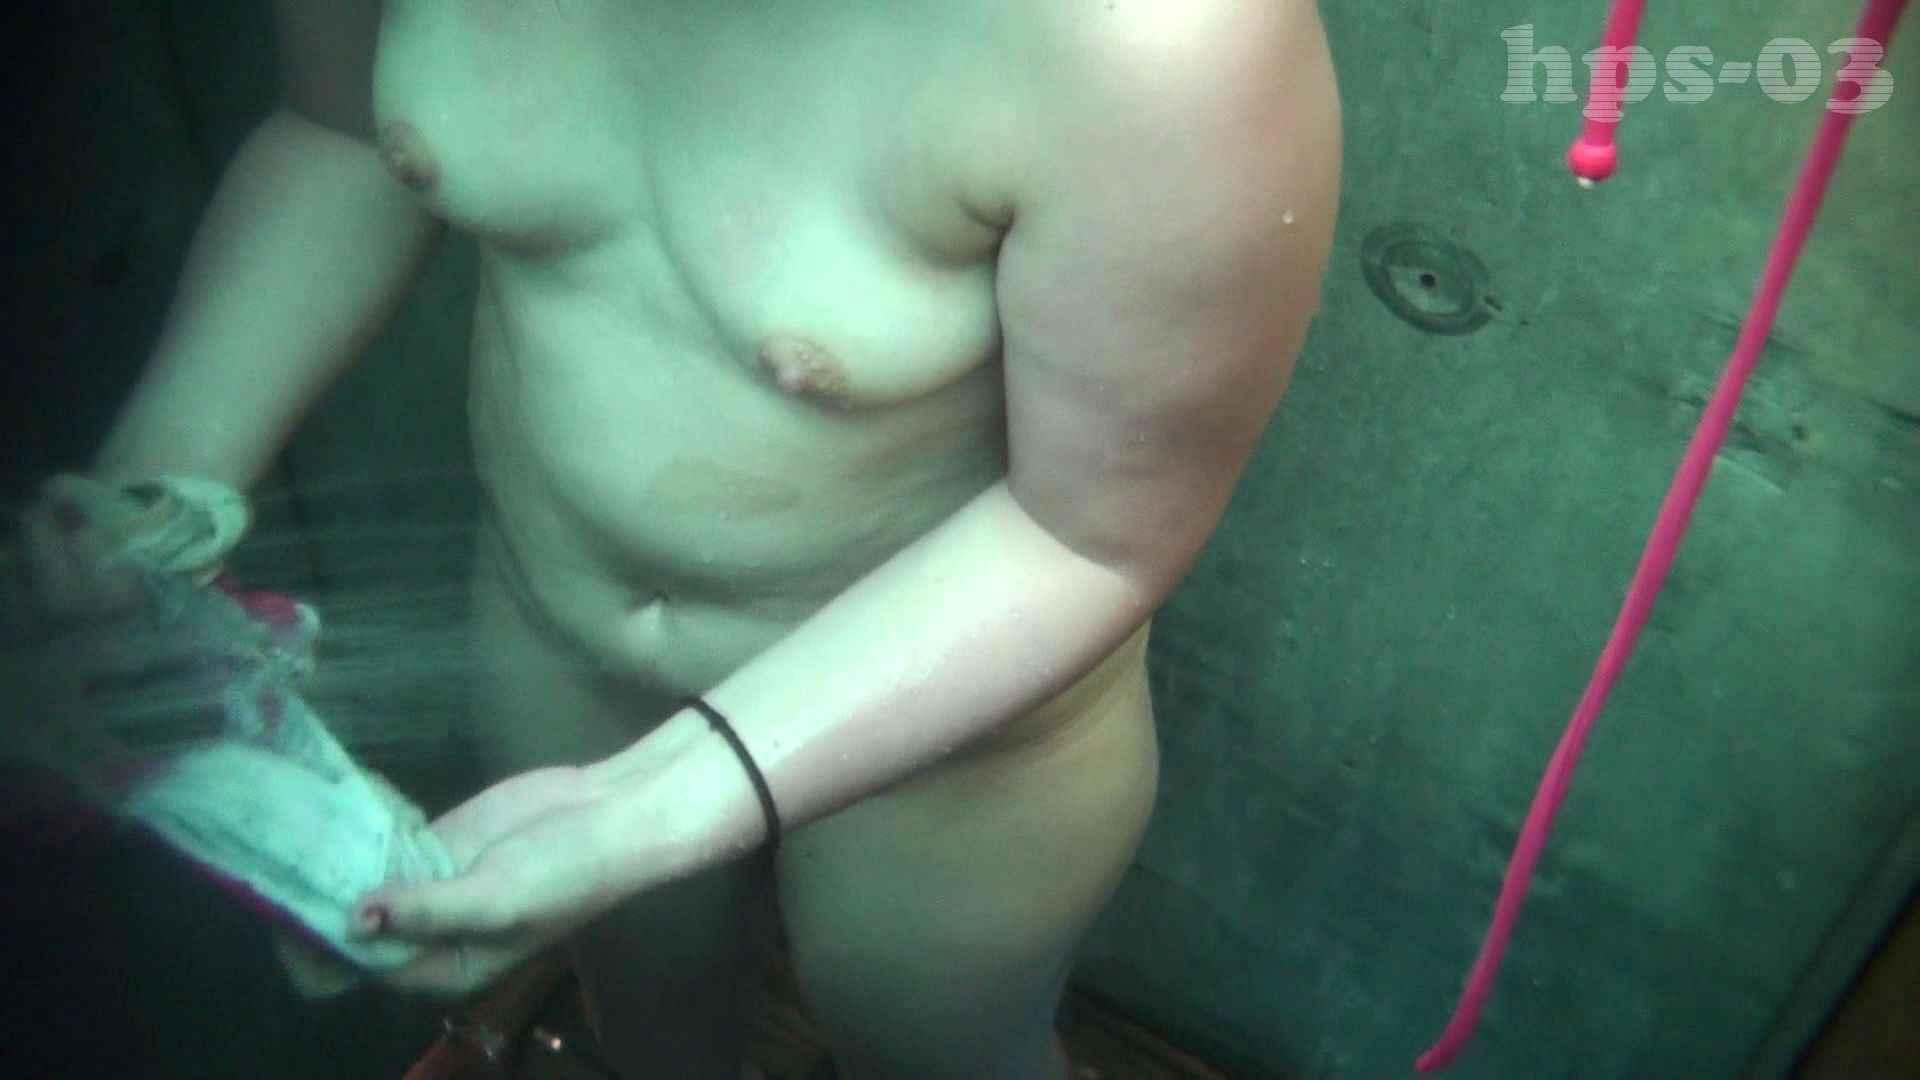 シャワールームは超!!危険な香りVol.3 ハートのタトゥーちょっとプヨってます。 高画質  106枚 64